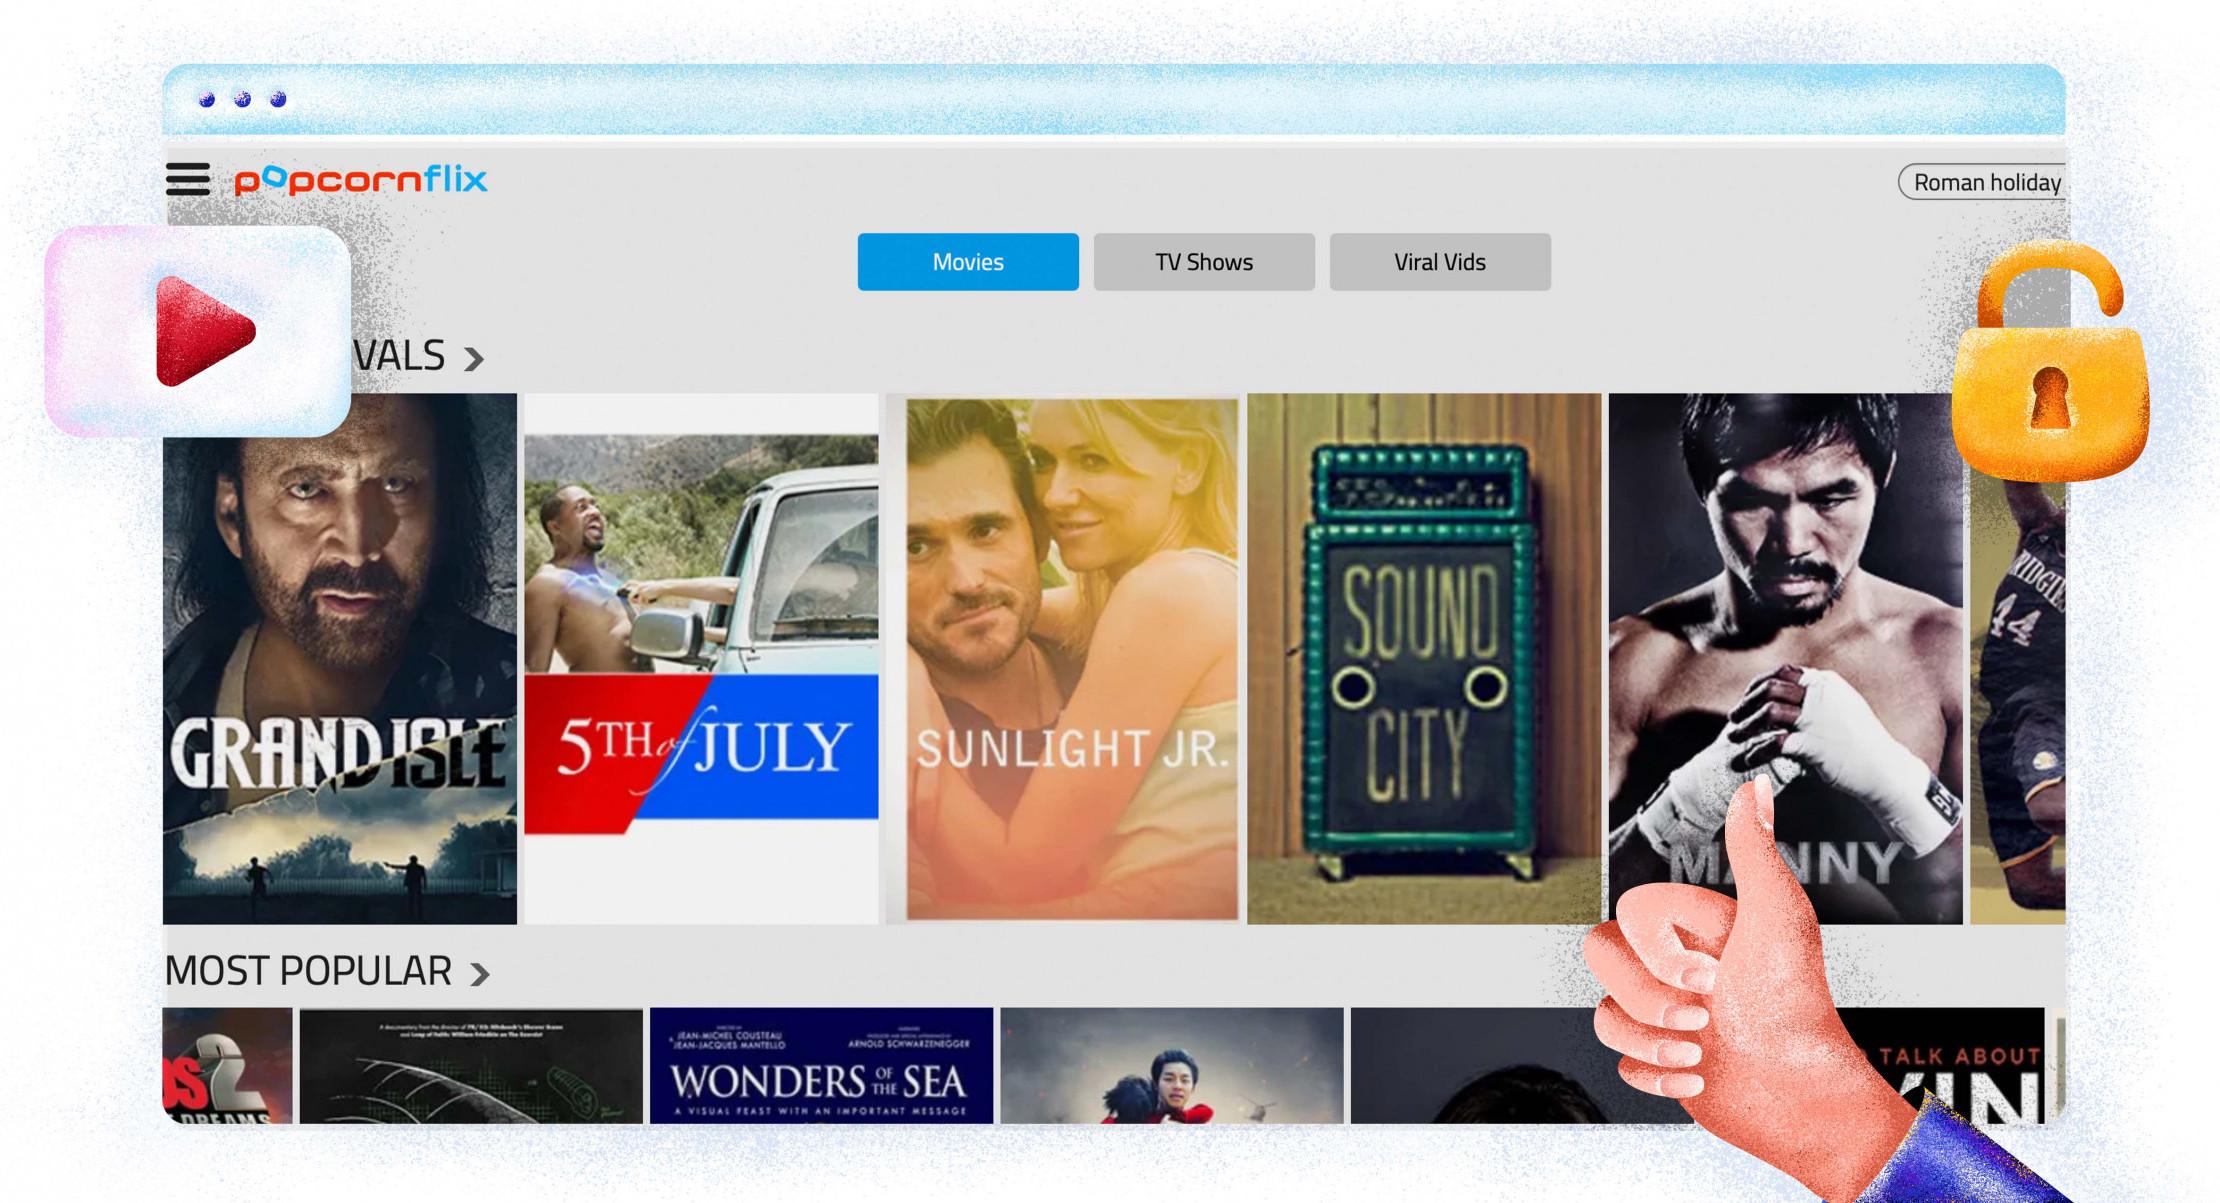 Popcornflix'te yayınlanan filmler ve TV şovları